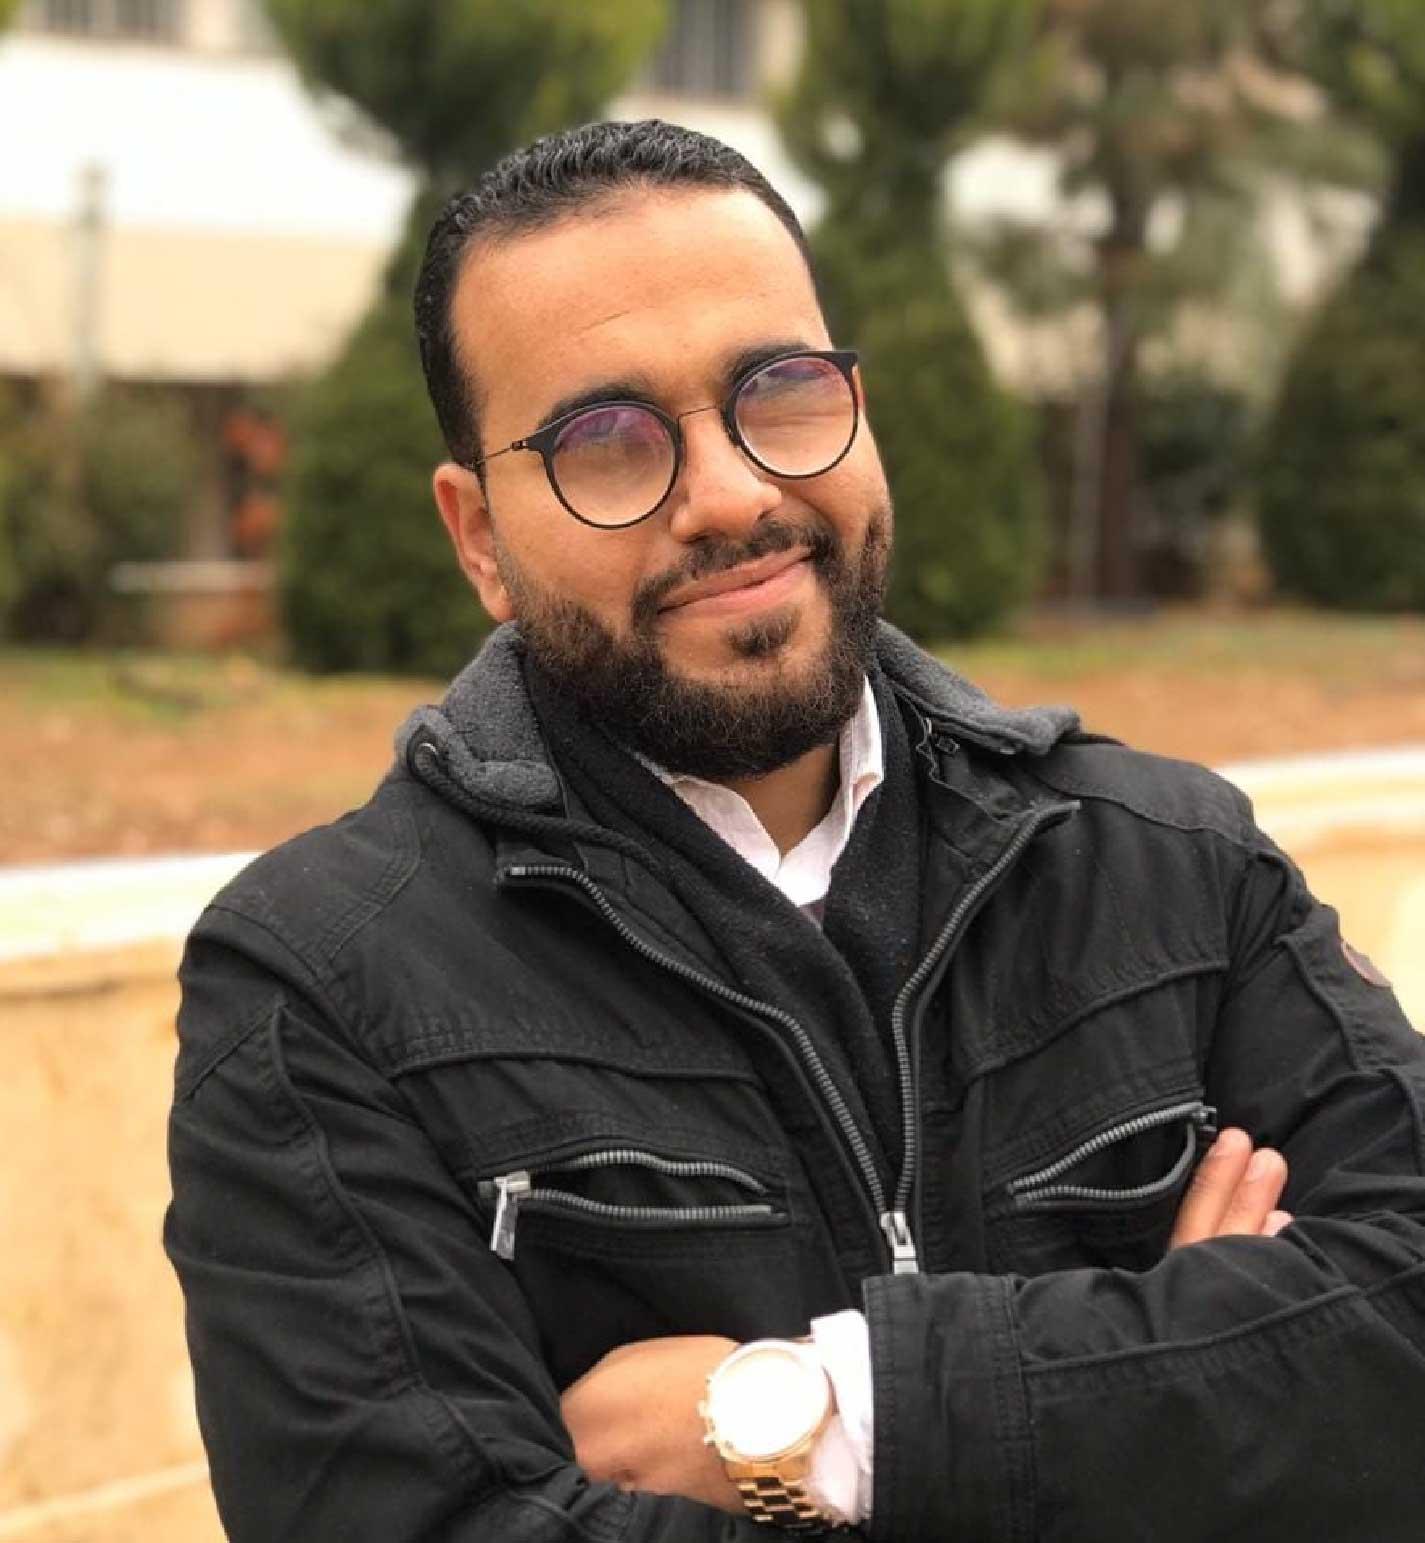 Mohammad Banat